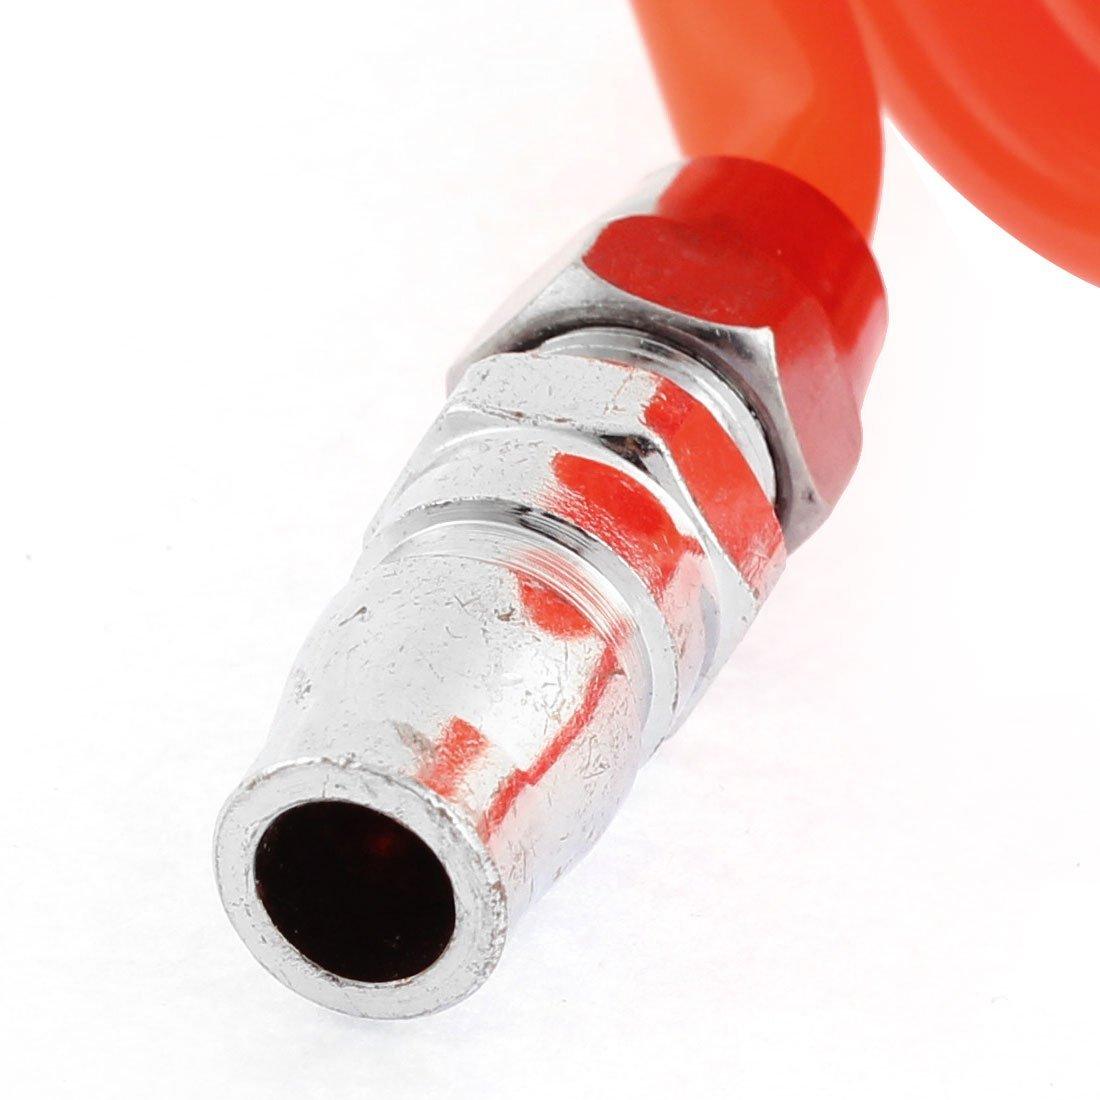 Metal DealMux a15121100ux0017 3 m de largo 8 mm x mm poliuretano Manguera en espiral 5 de aire del tubo 0,2 Orange